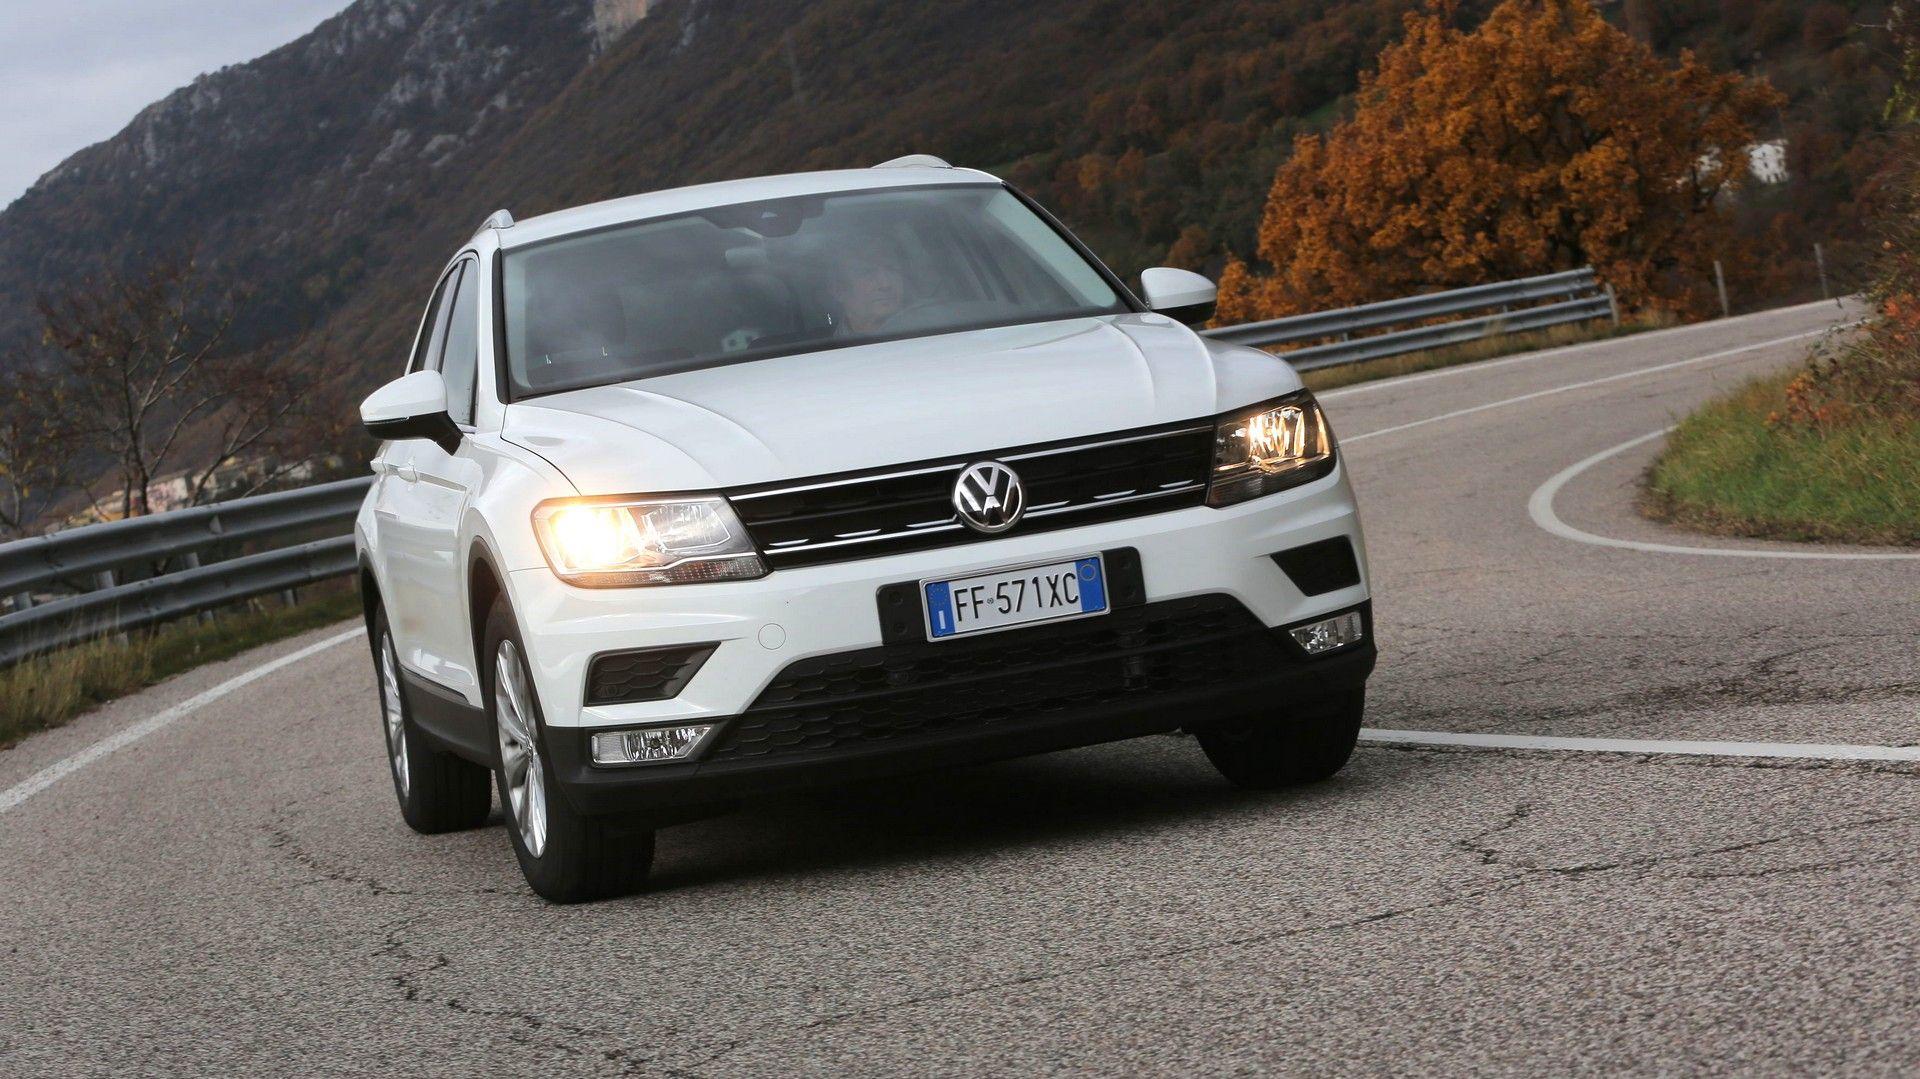 Prova Volkswagen Tiguan 1 6 Tdi Al Volante Della B Suv Tedesca Suv Auto